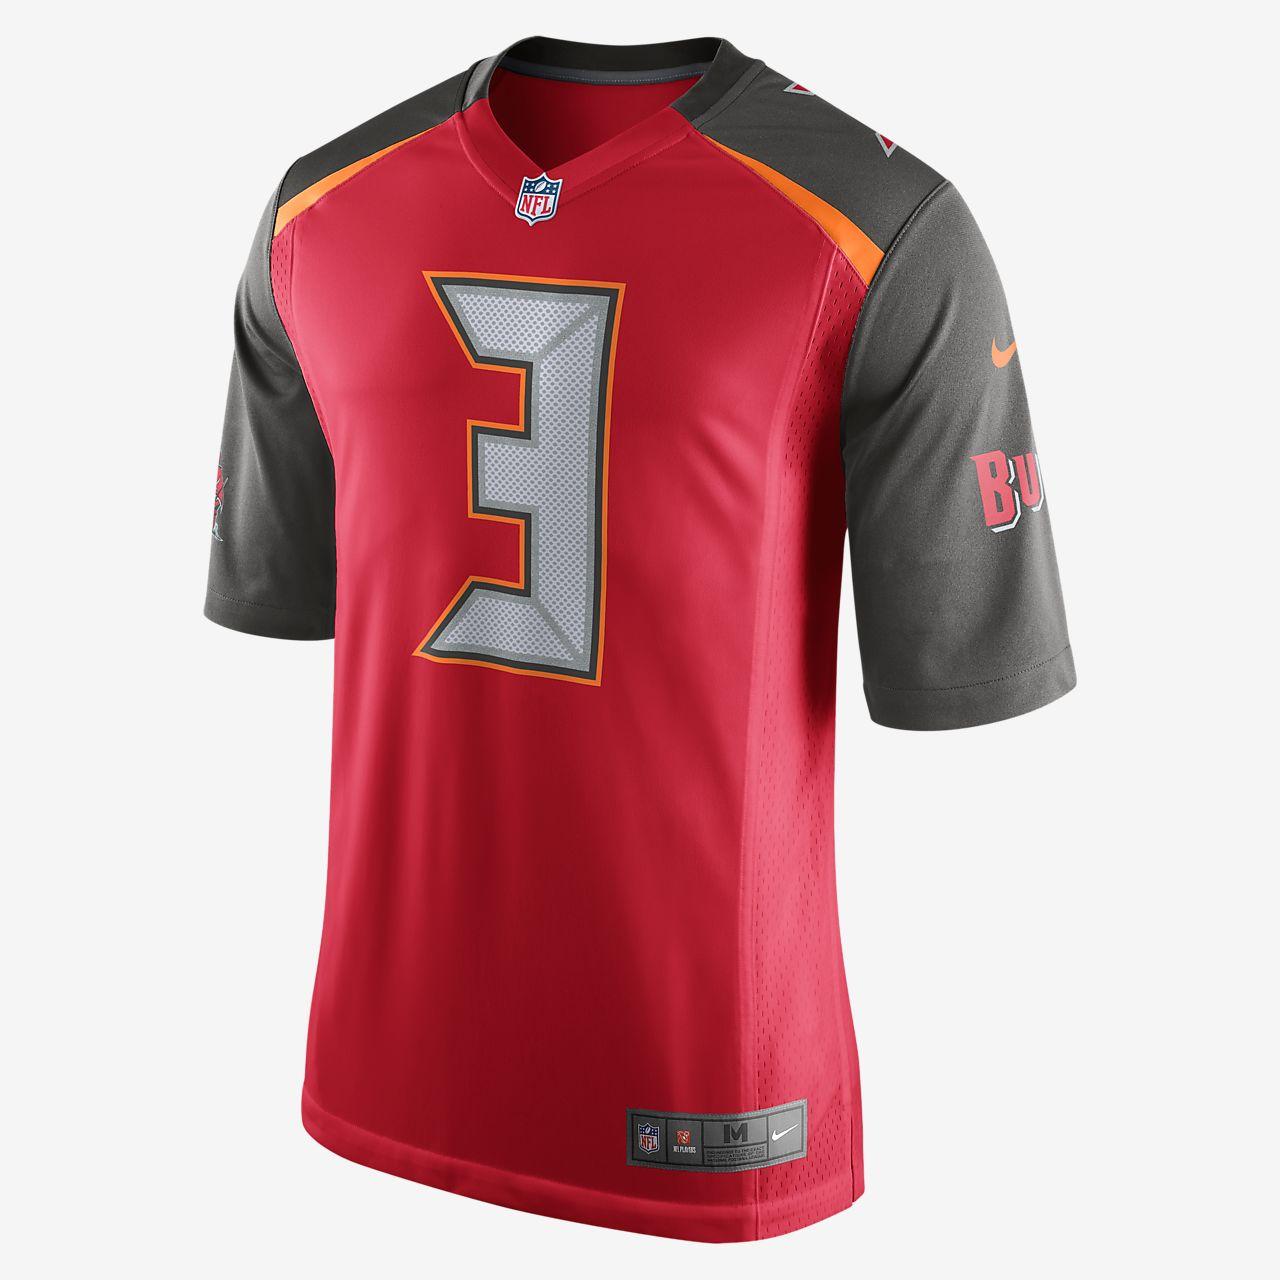 NFL Tampa Bay Buccaneers (Jameis Winston) Camiseta de fútbol americano de  la 1ª equipación 0d4cda49f27